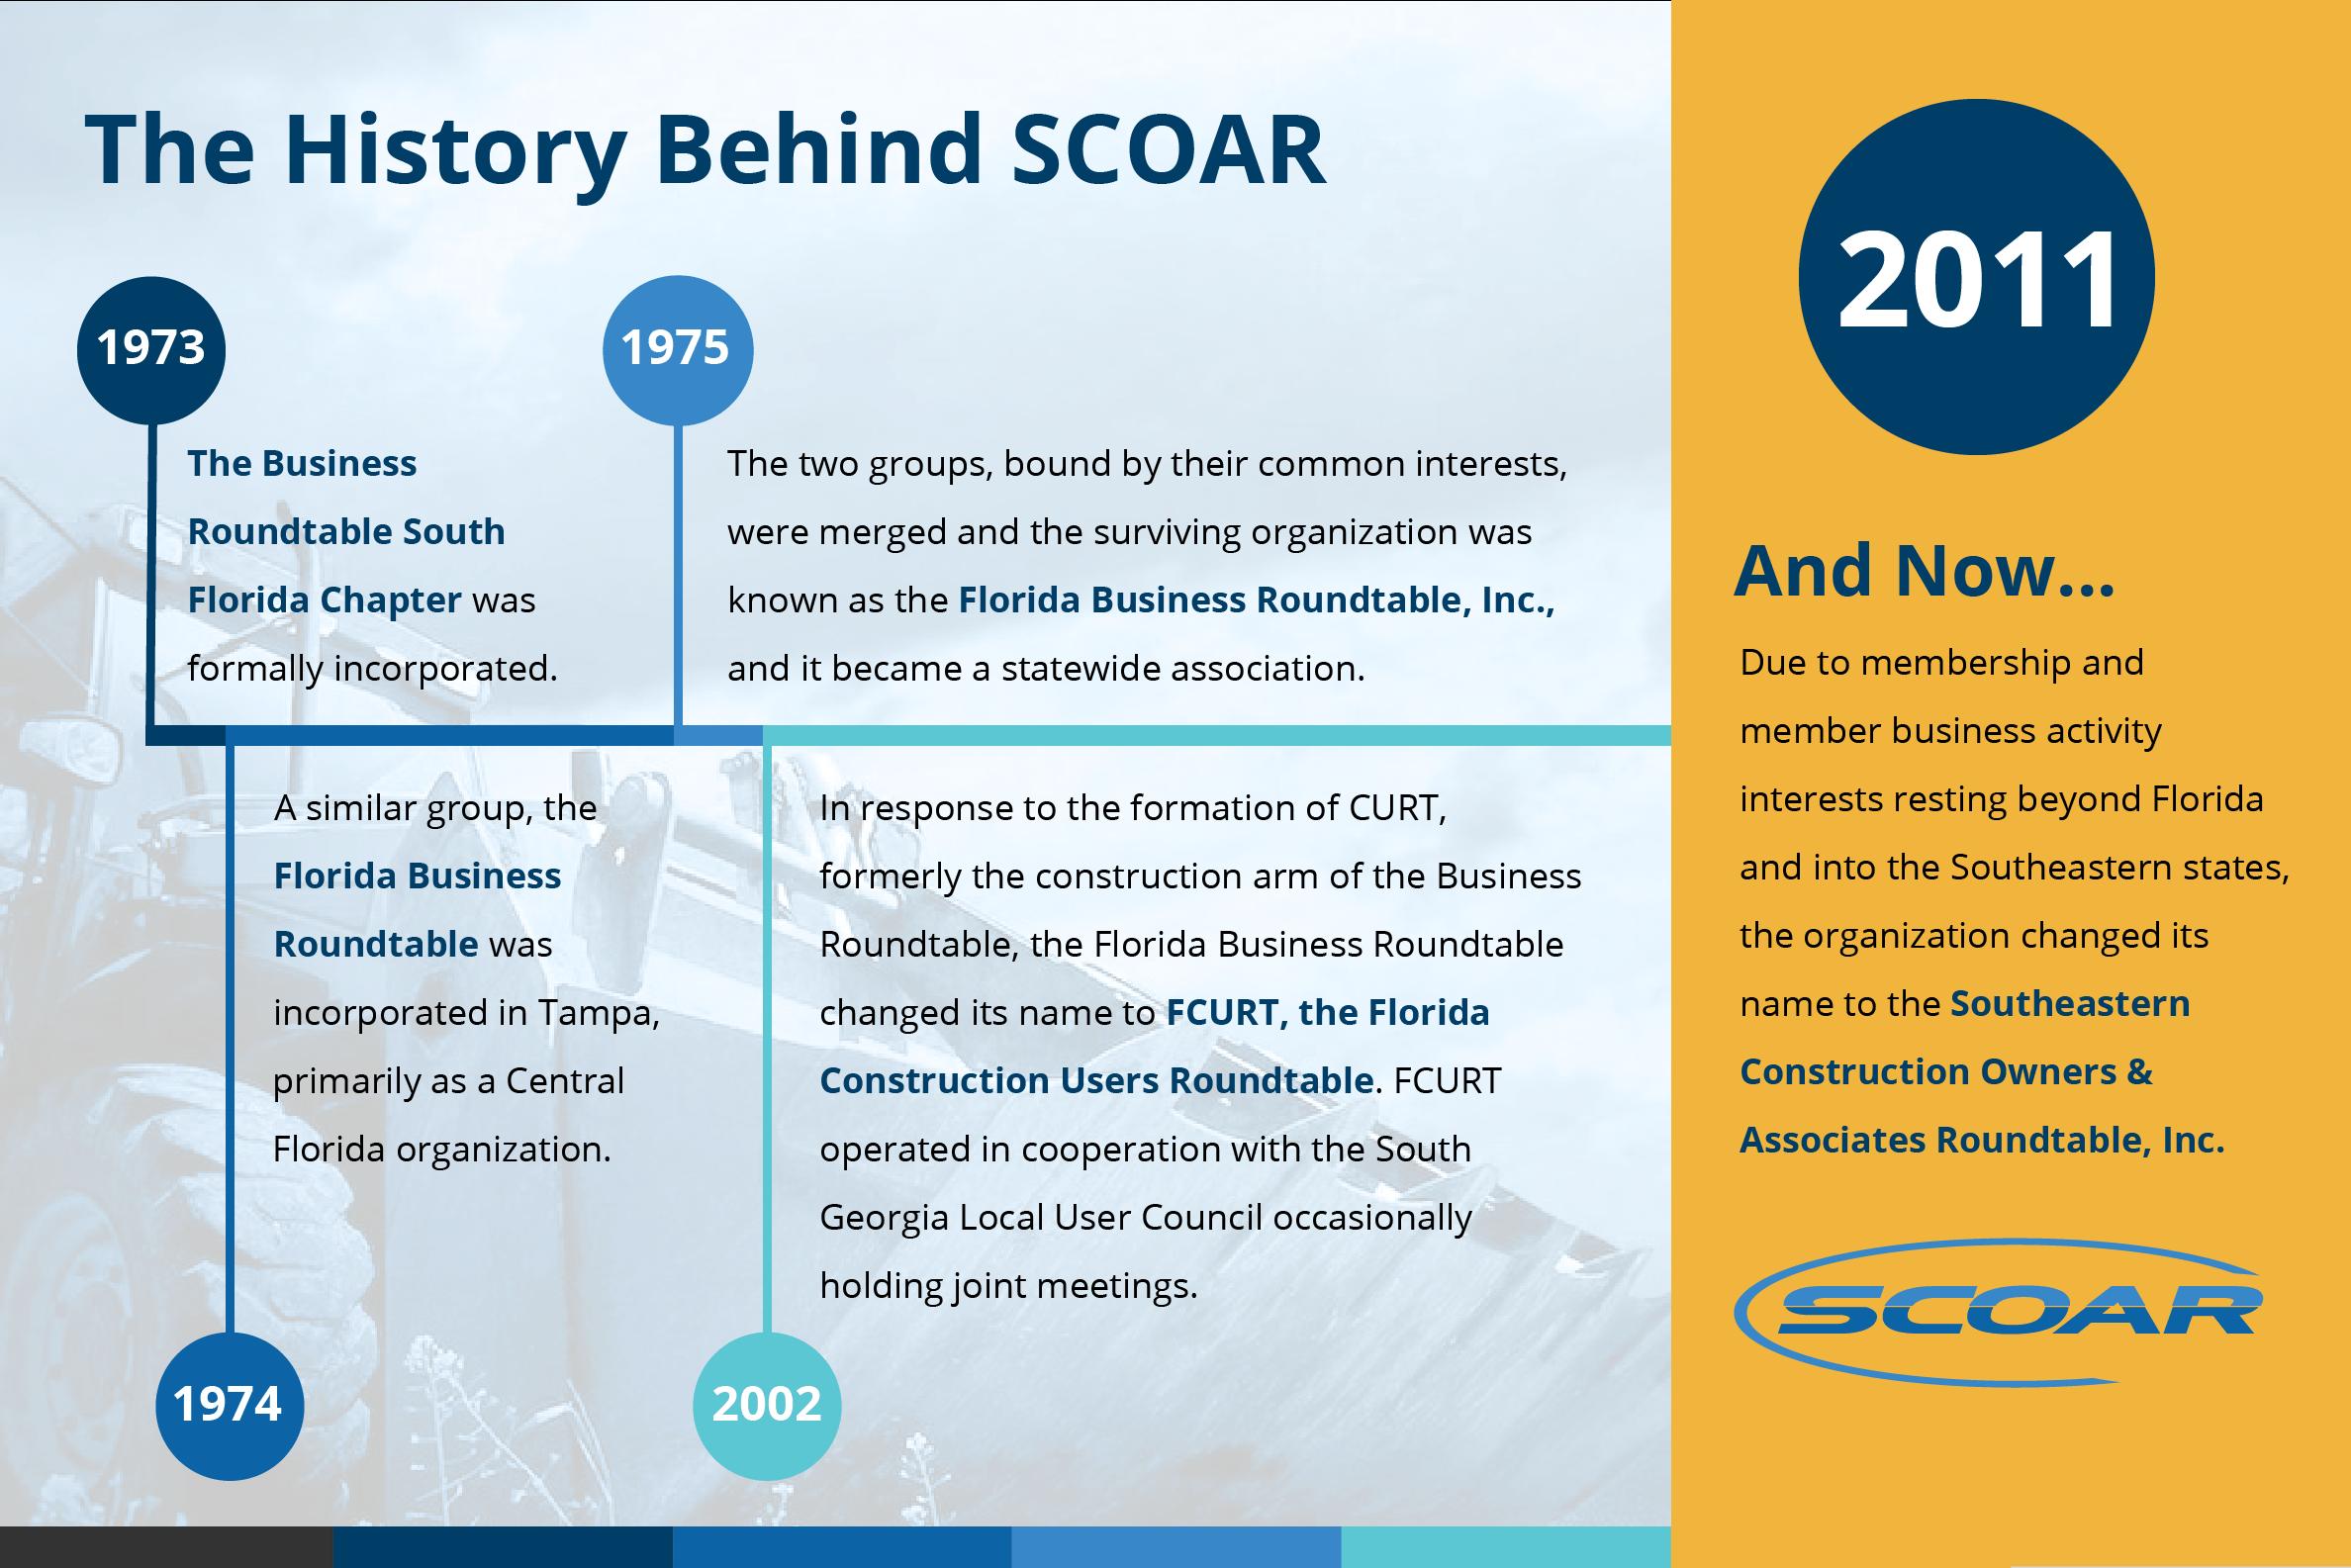 scoar history